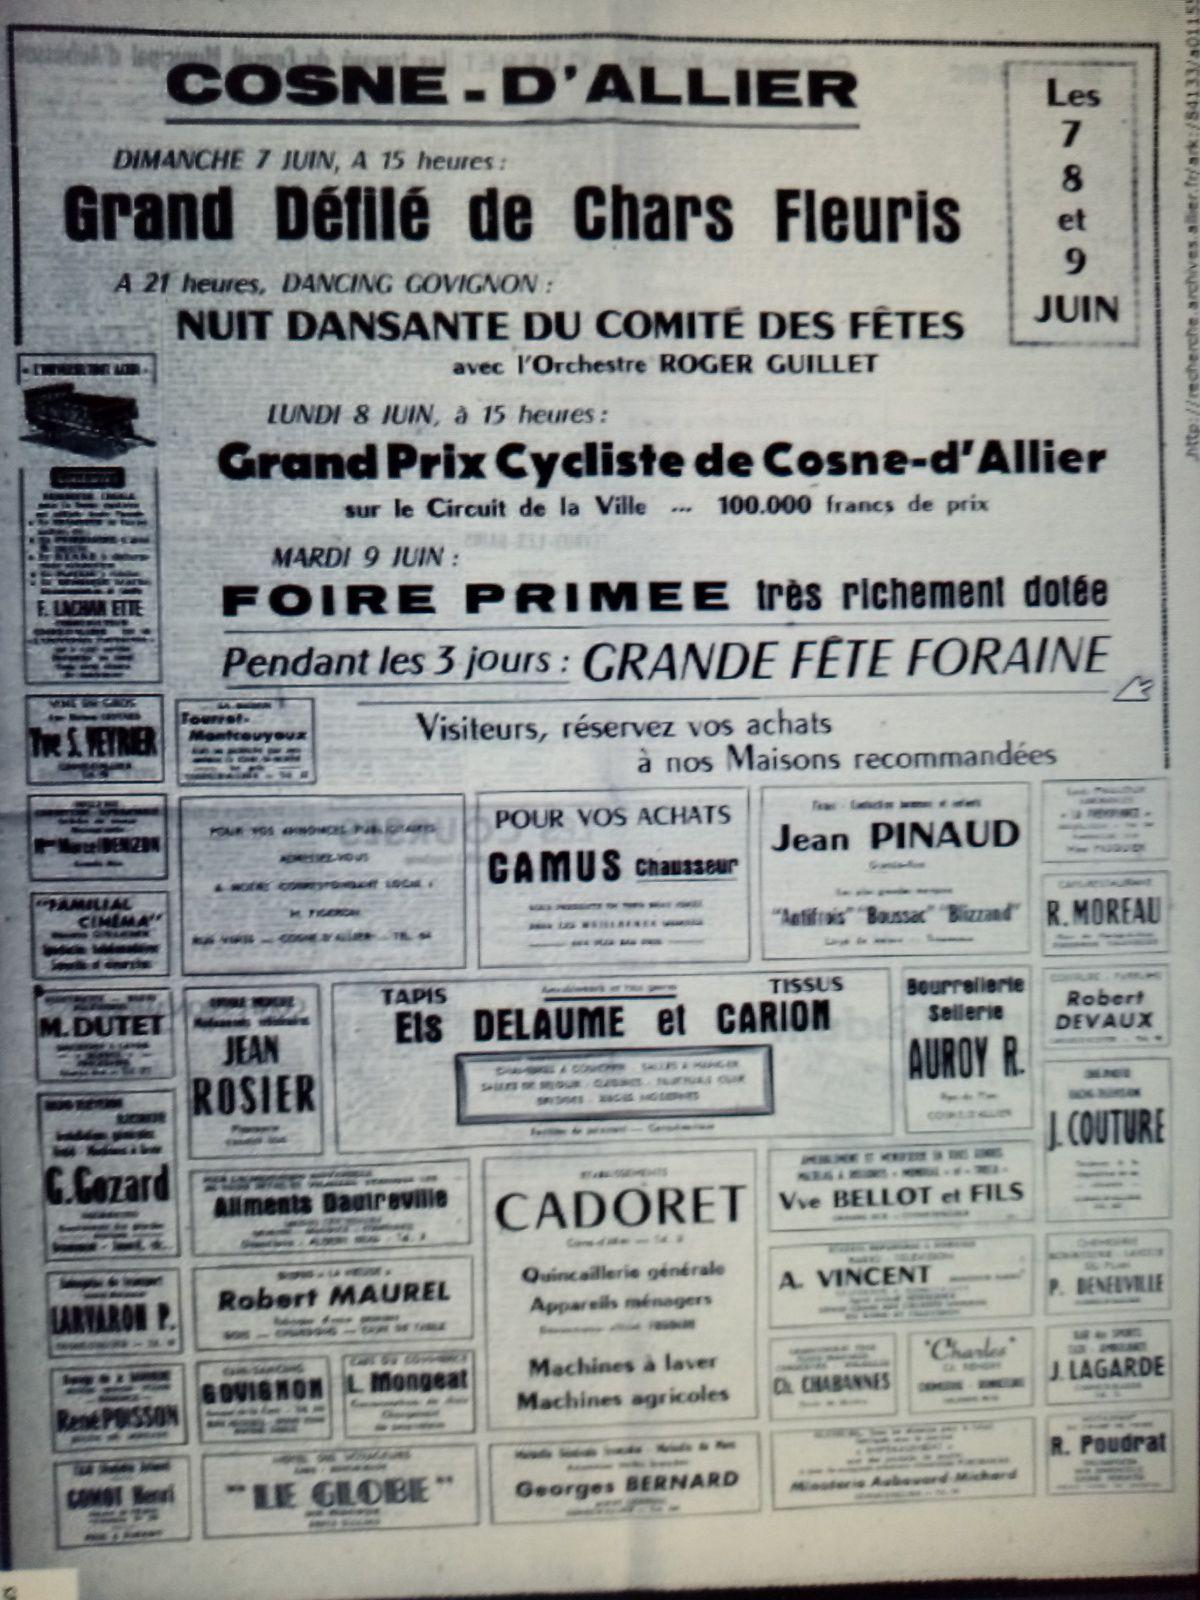 Fête patronale de Cosne-d'Allier 1959